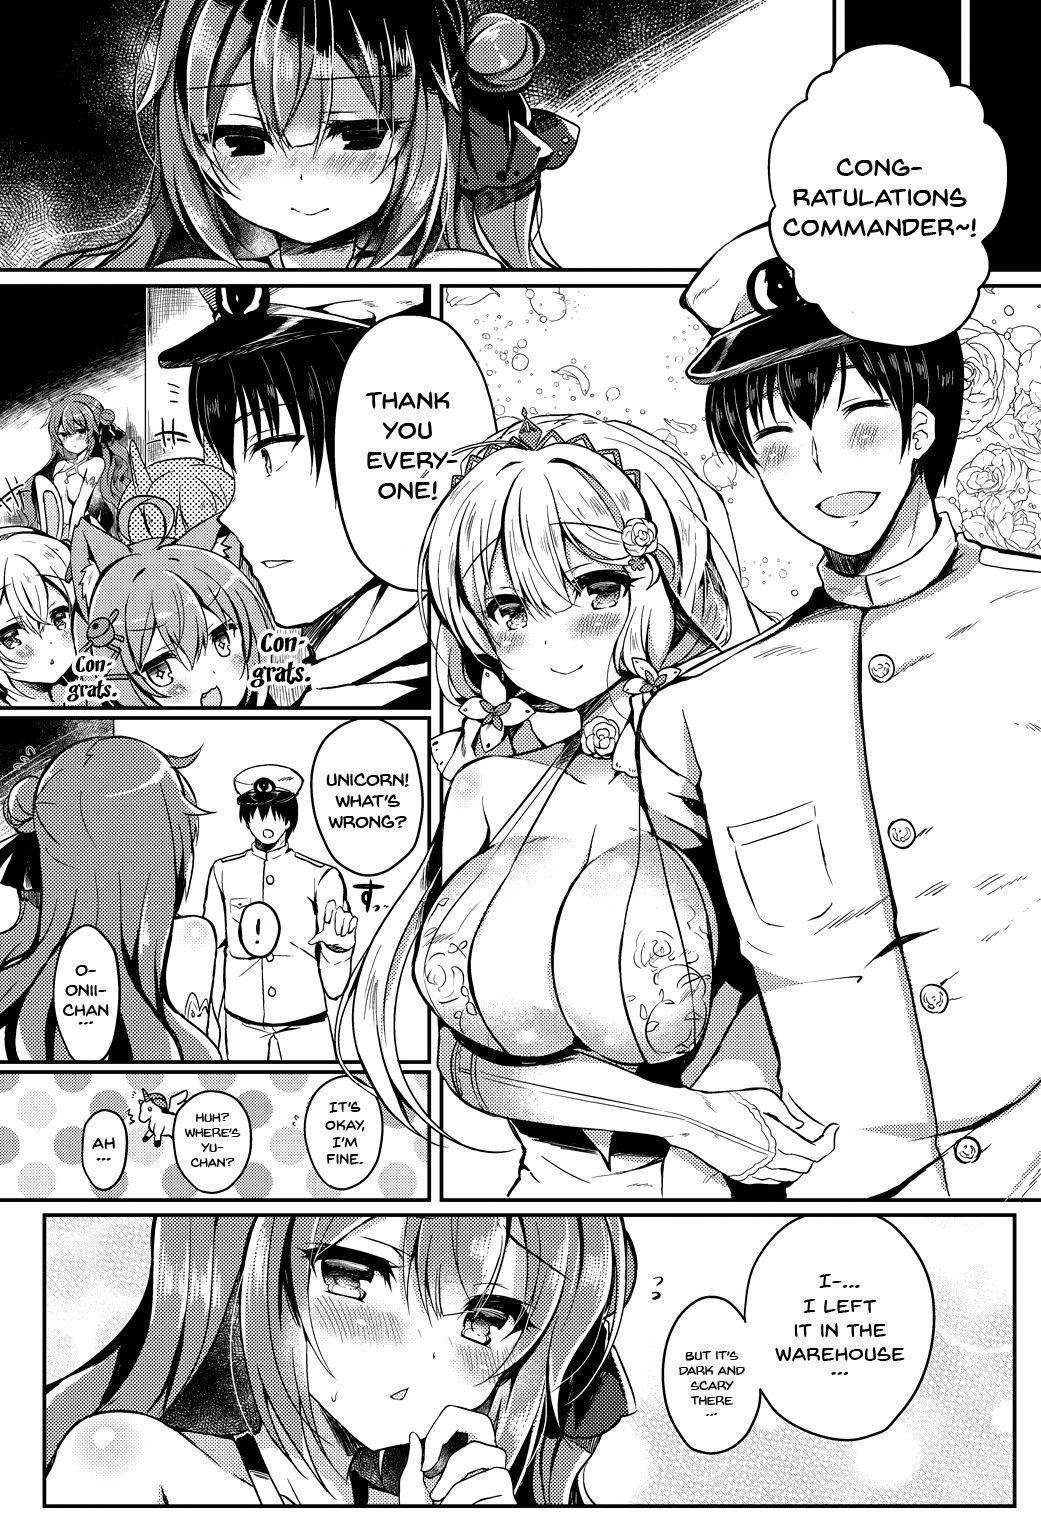 Yumemiru Kouma wa Nani o Miru? 5